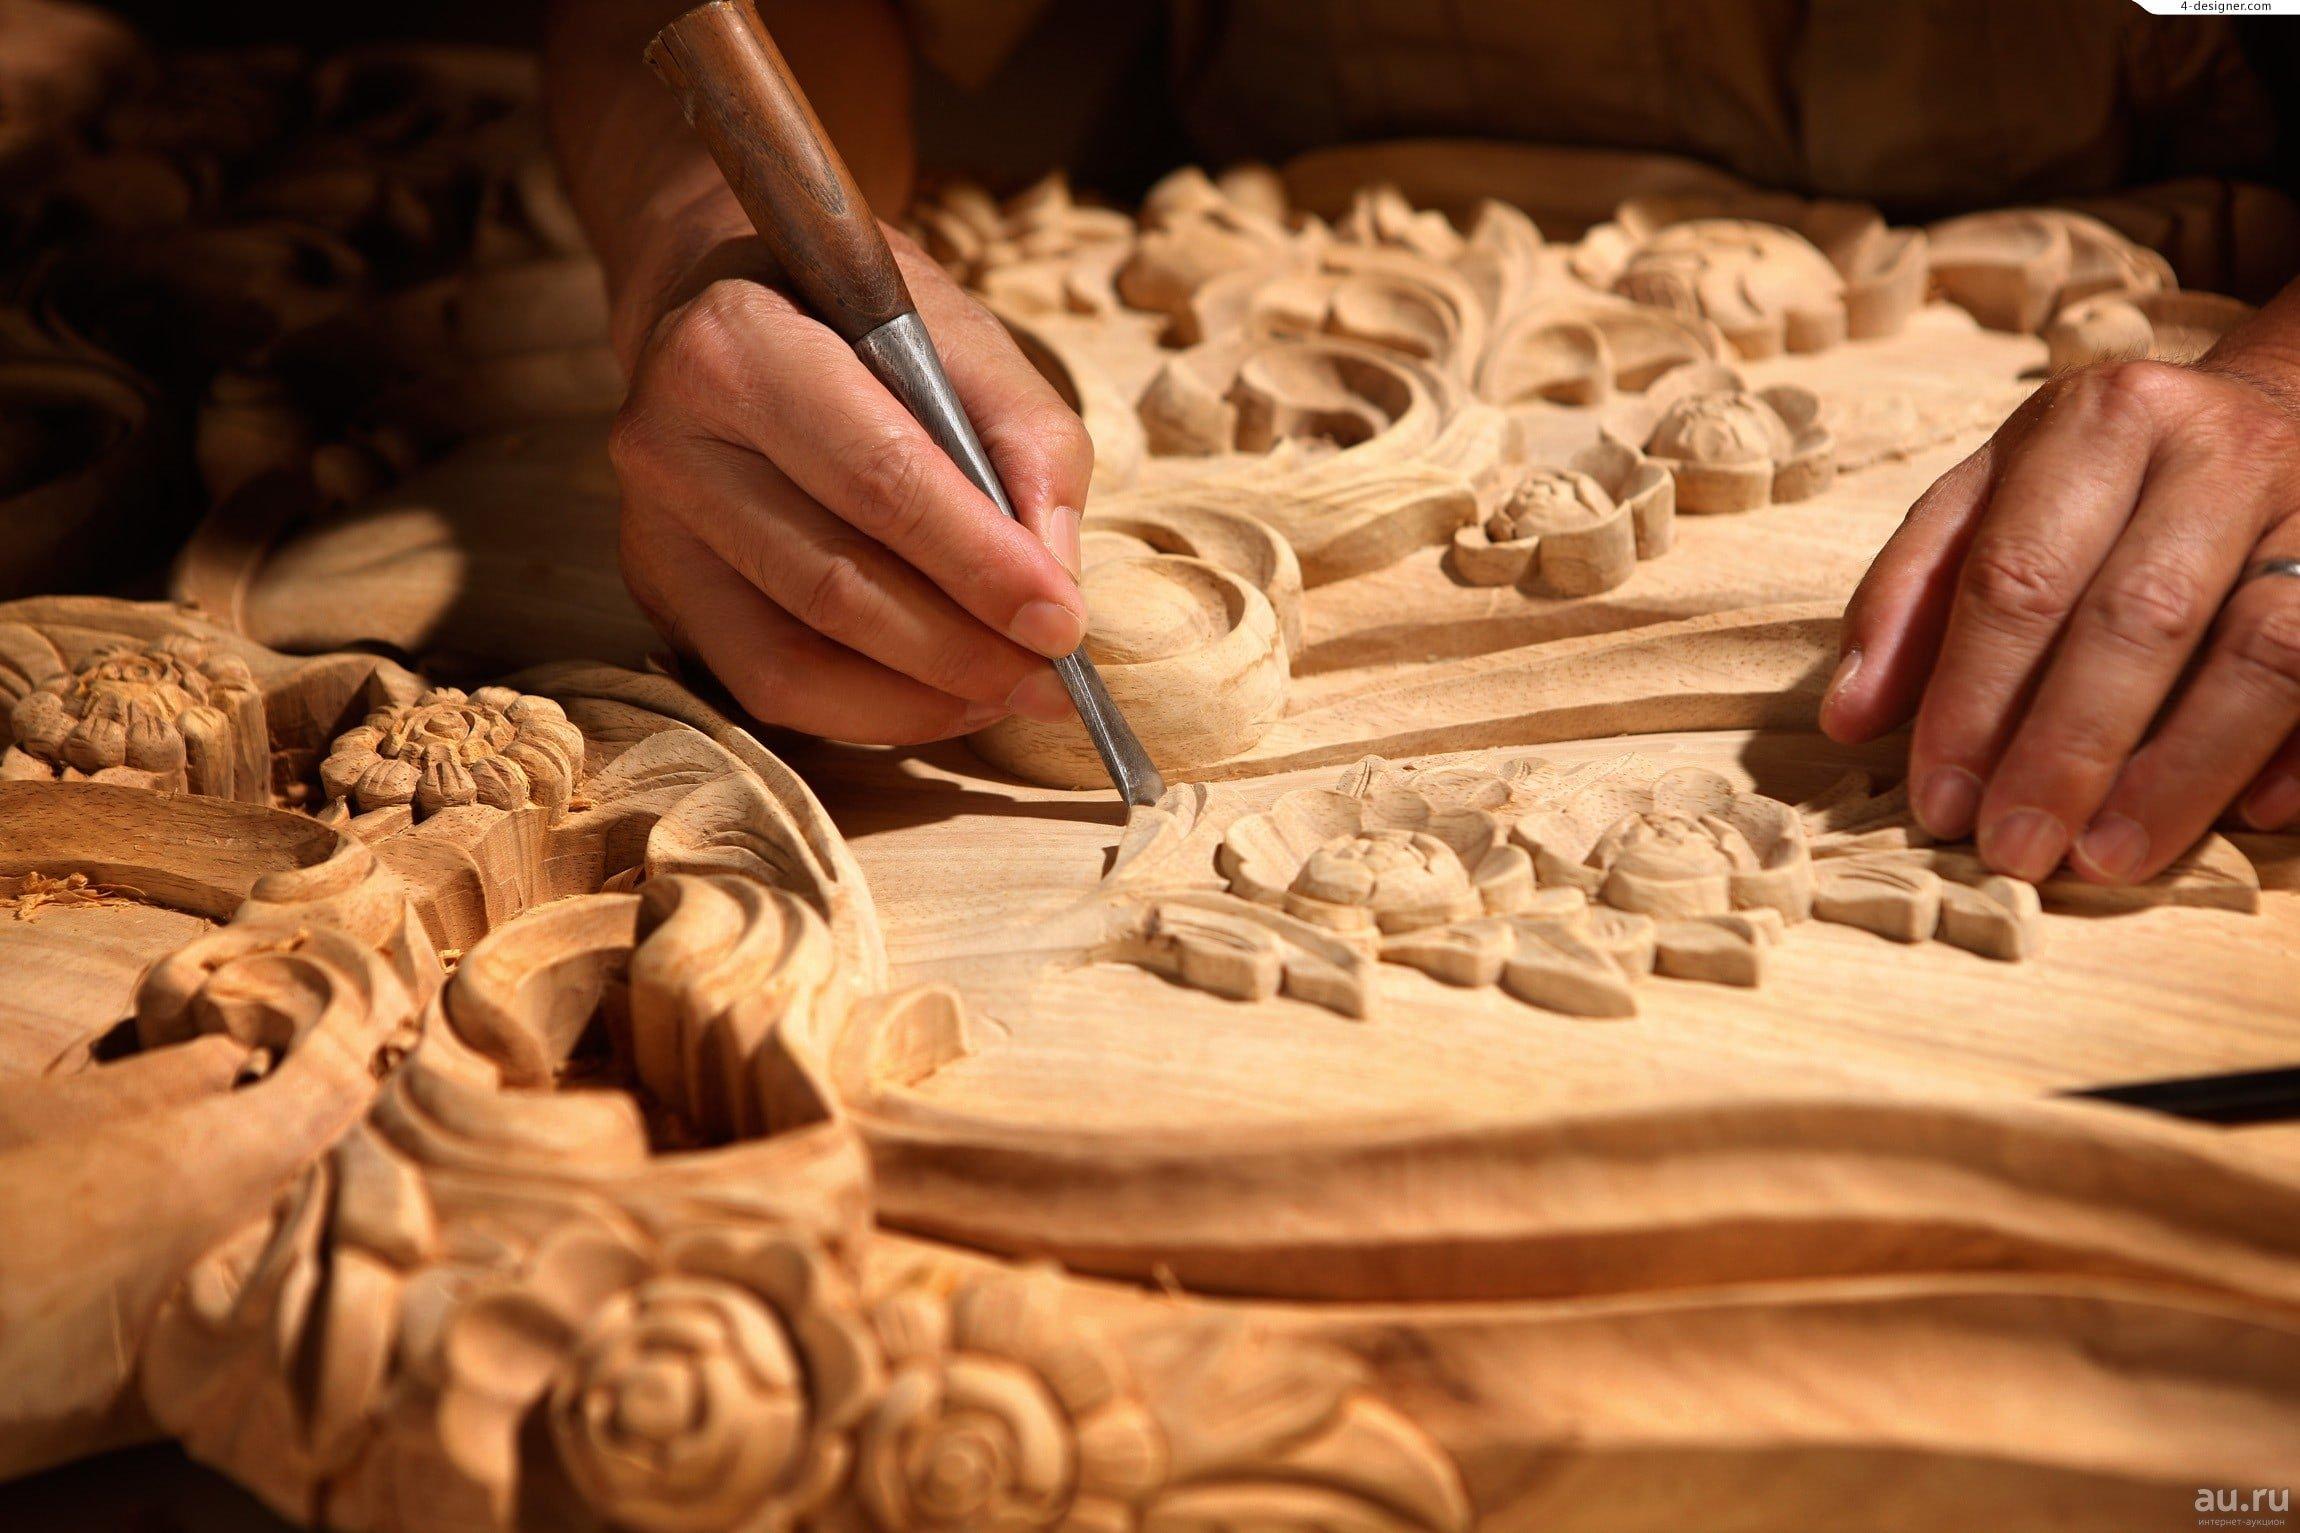 Выставка народных художественных промыслов и ремесленников «Приволжье 2020». Ярмарка ремёсел и сувениров